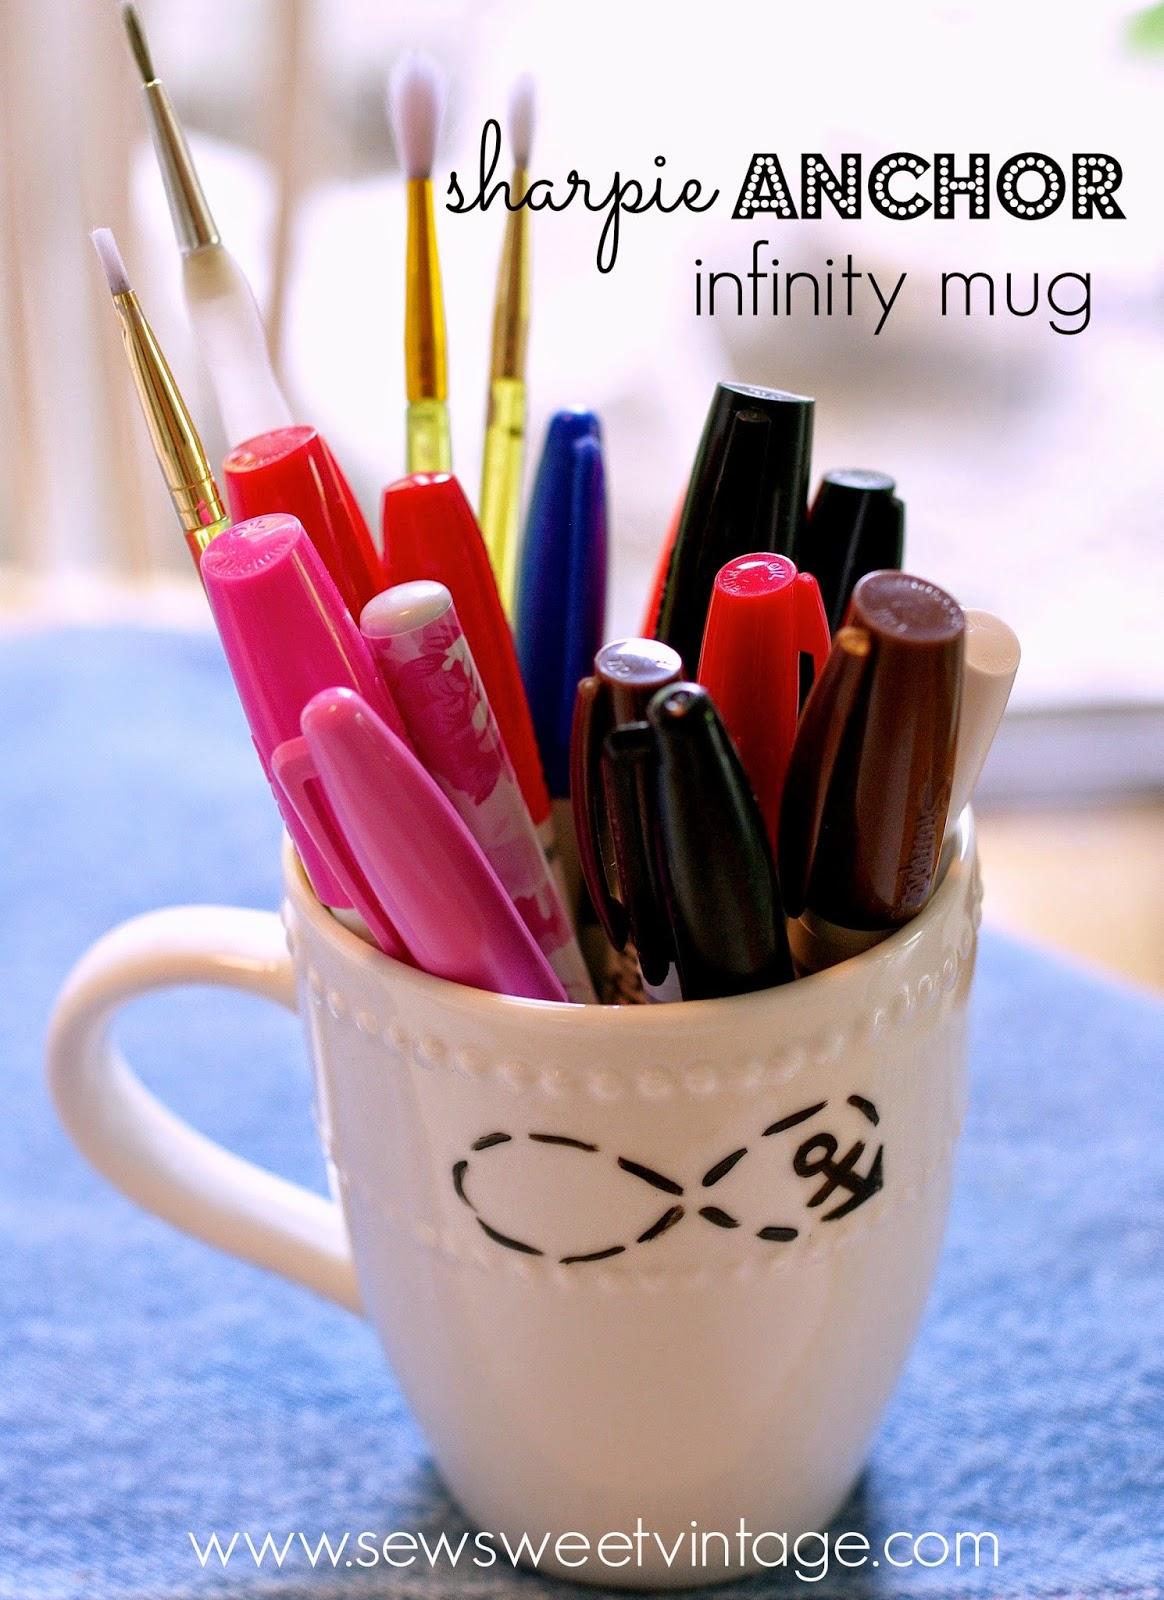 how to make a sharpie anchor mug